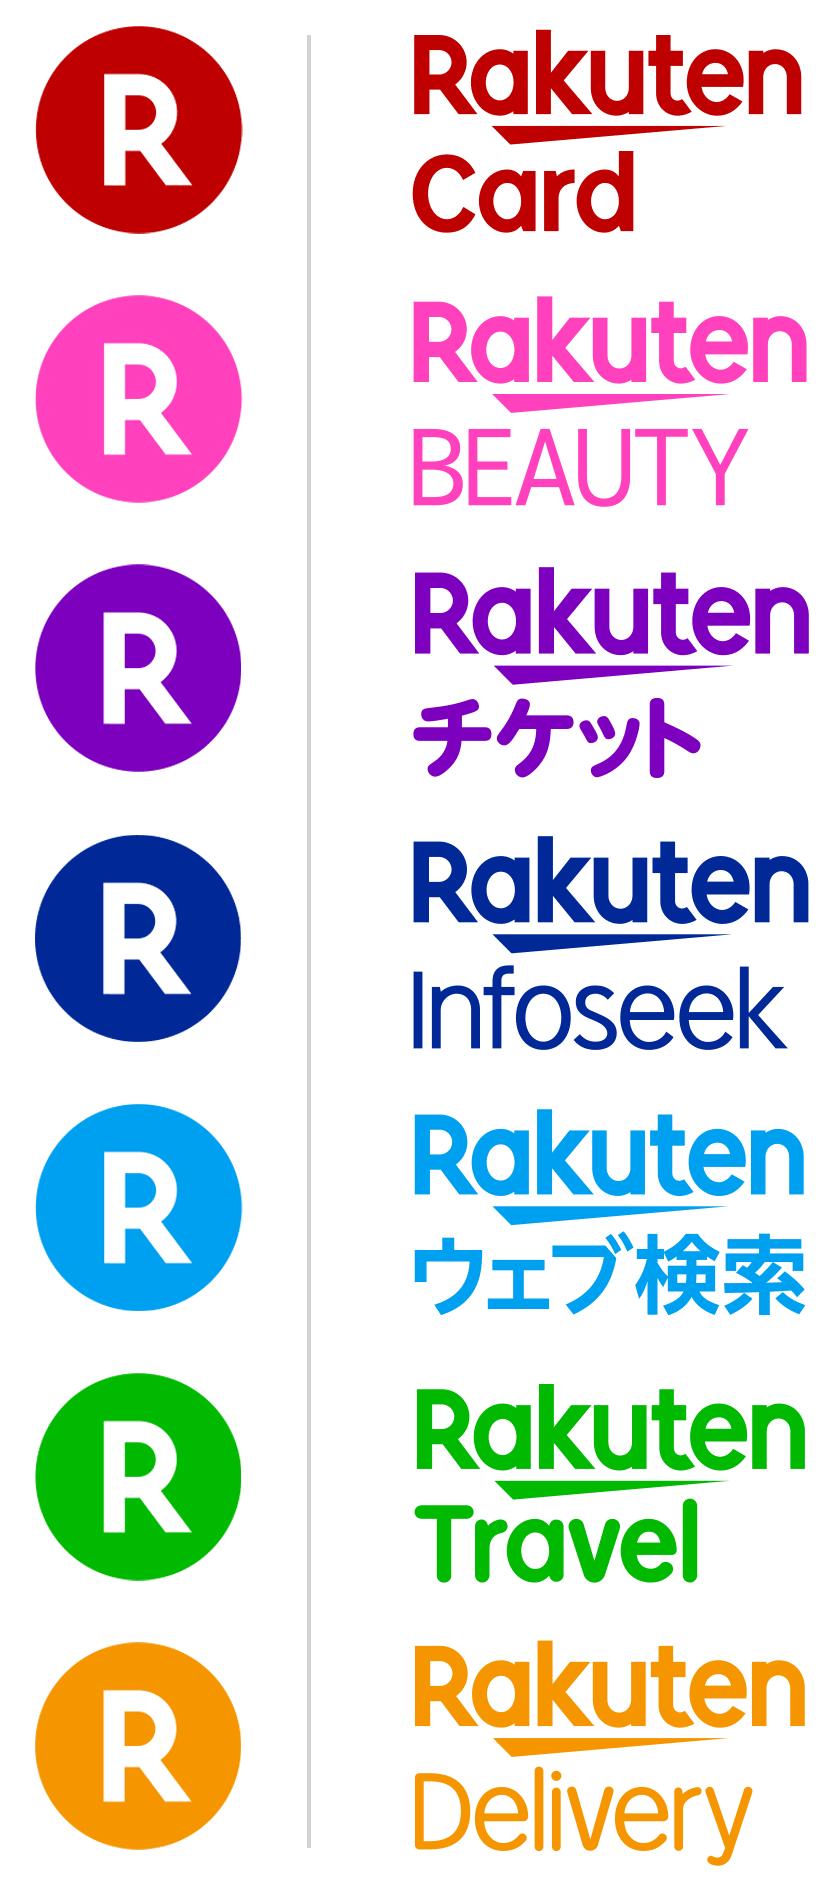 新款日本乐天个性logo设计和字体设计欣赏-7